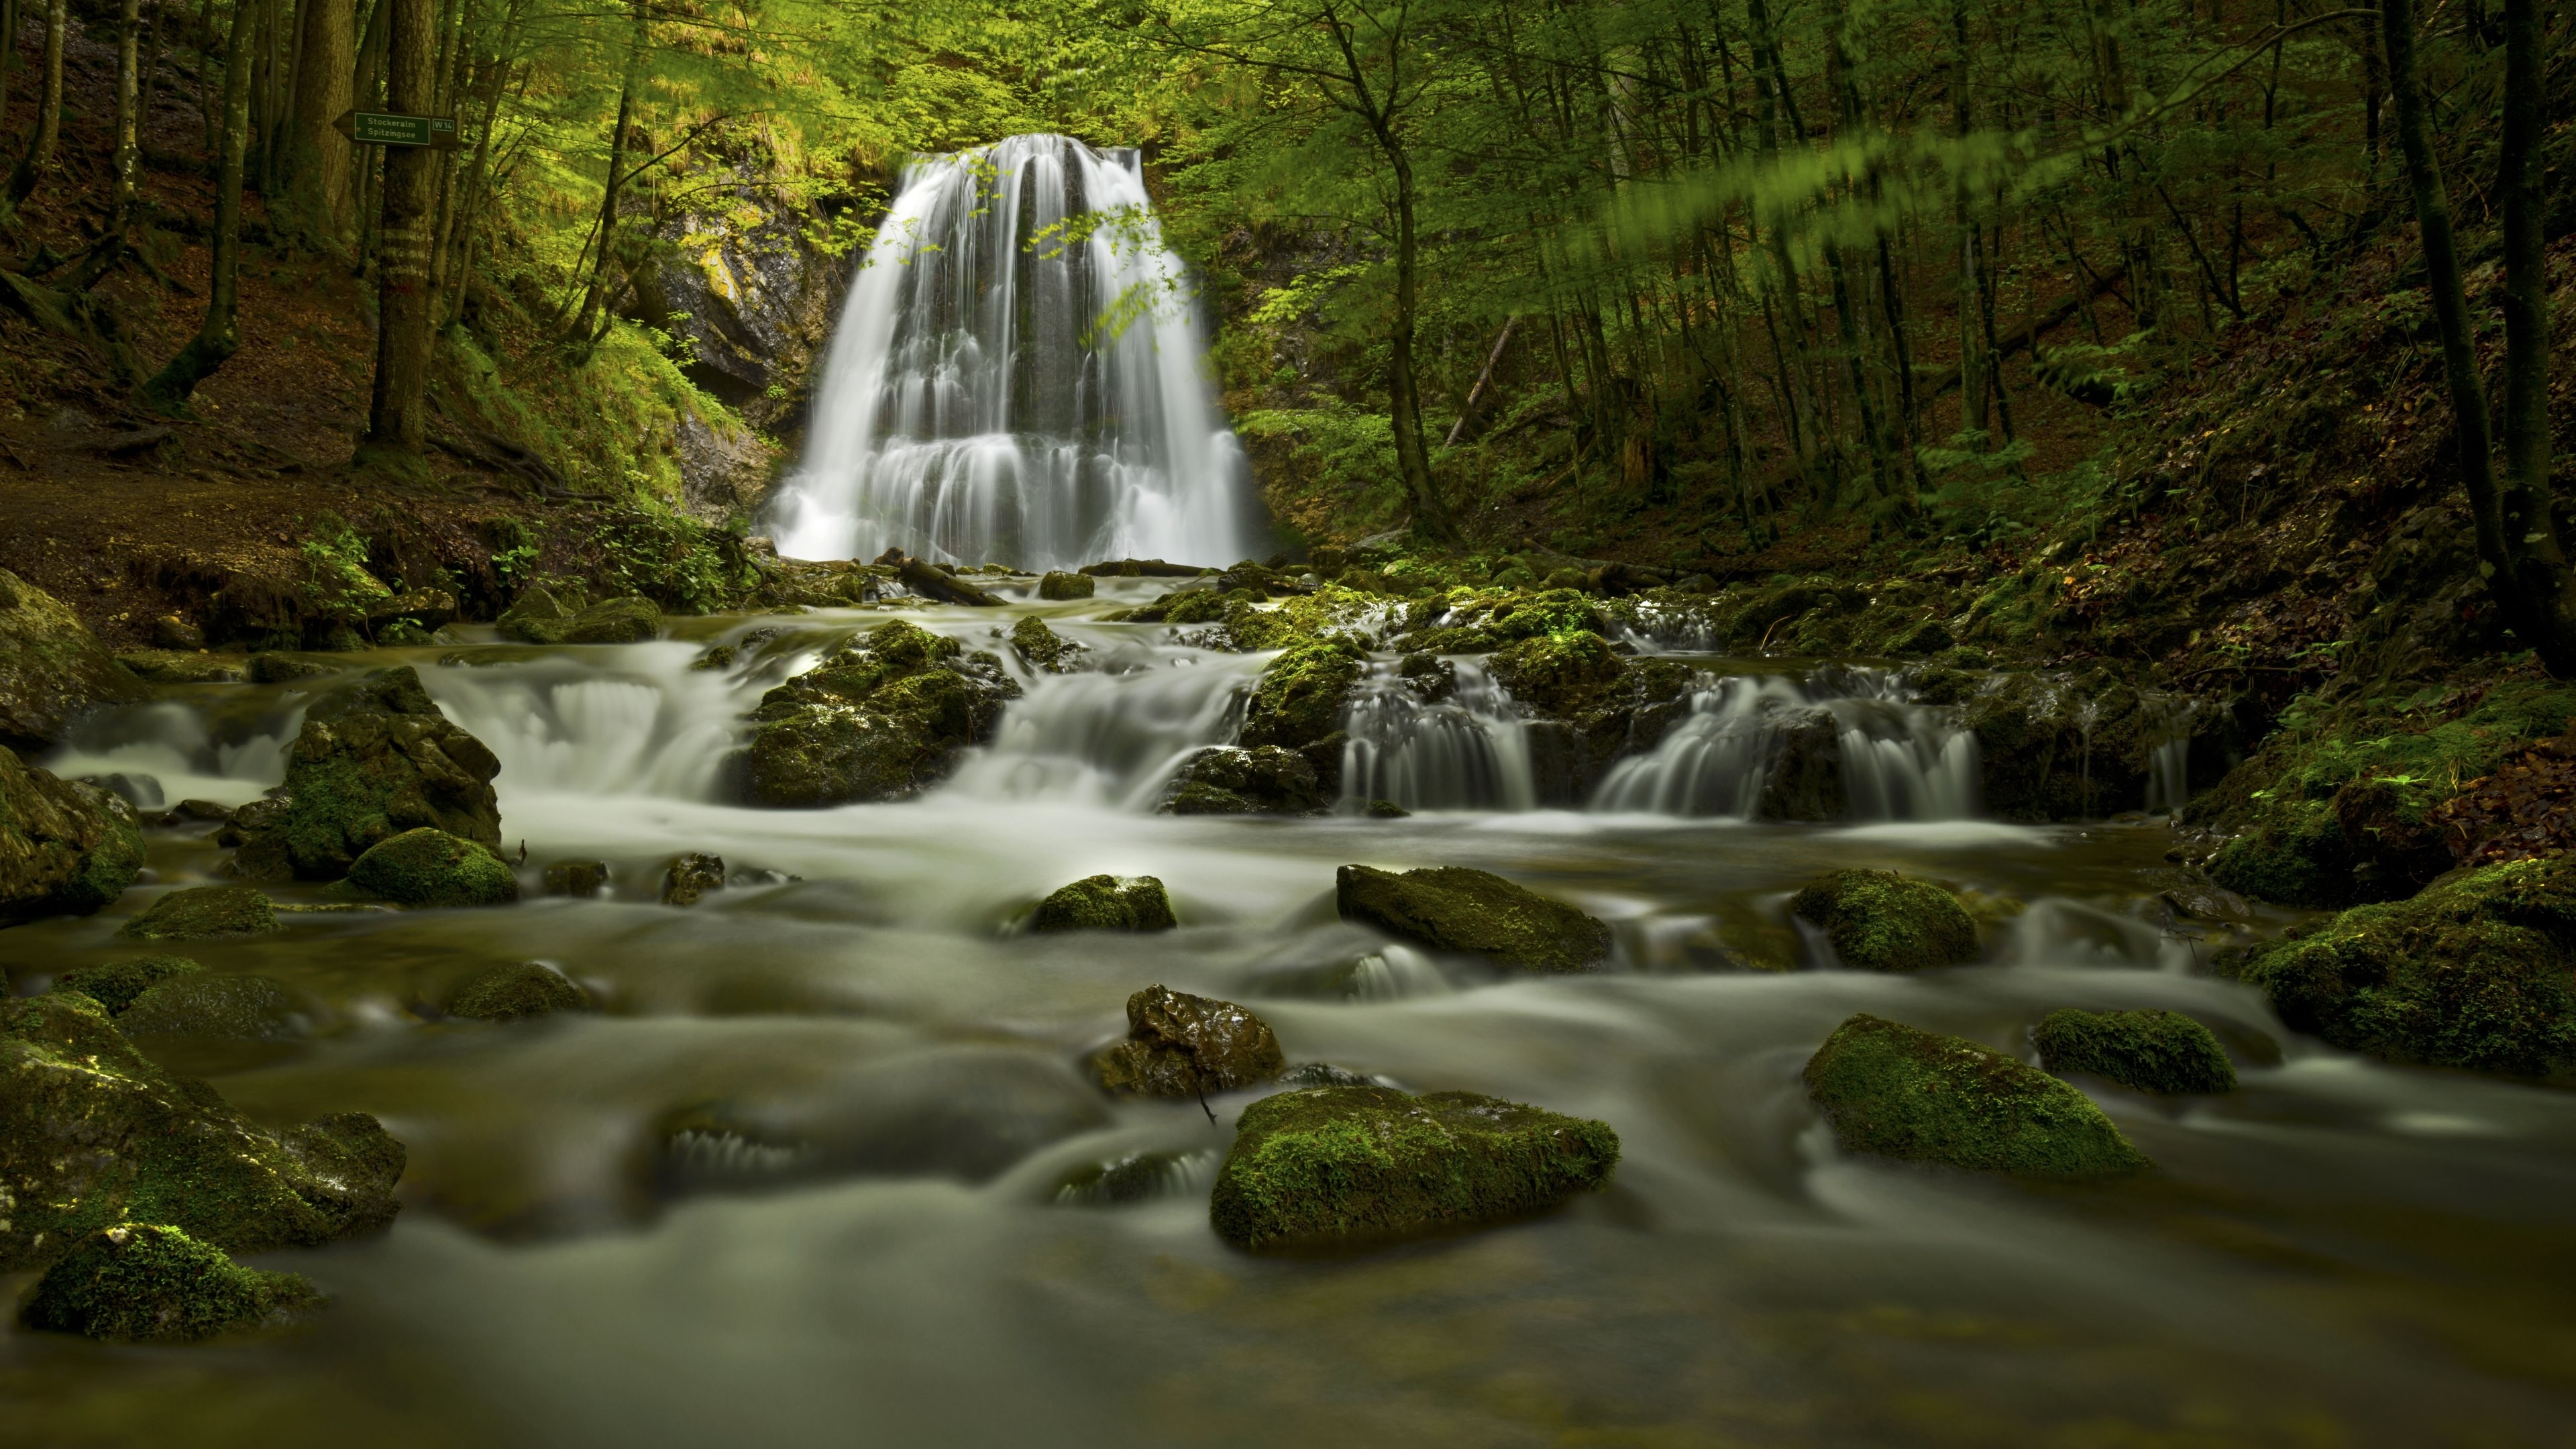 Wasserfall 4k Ultra Hd Wallpaper Hintergrund 3840x2160